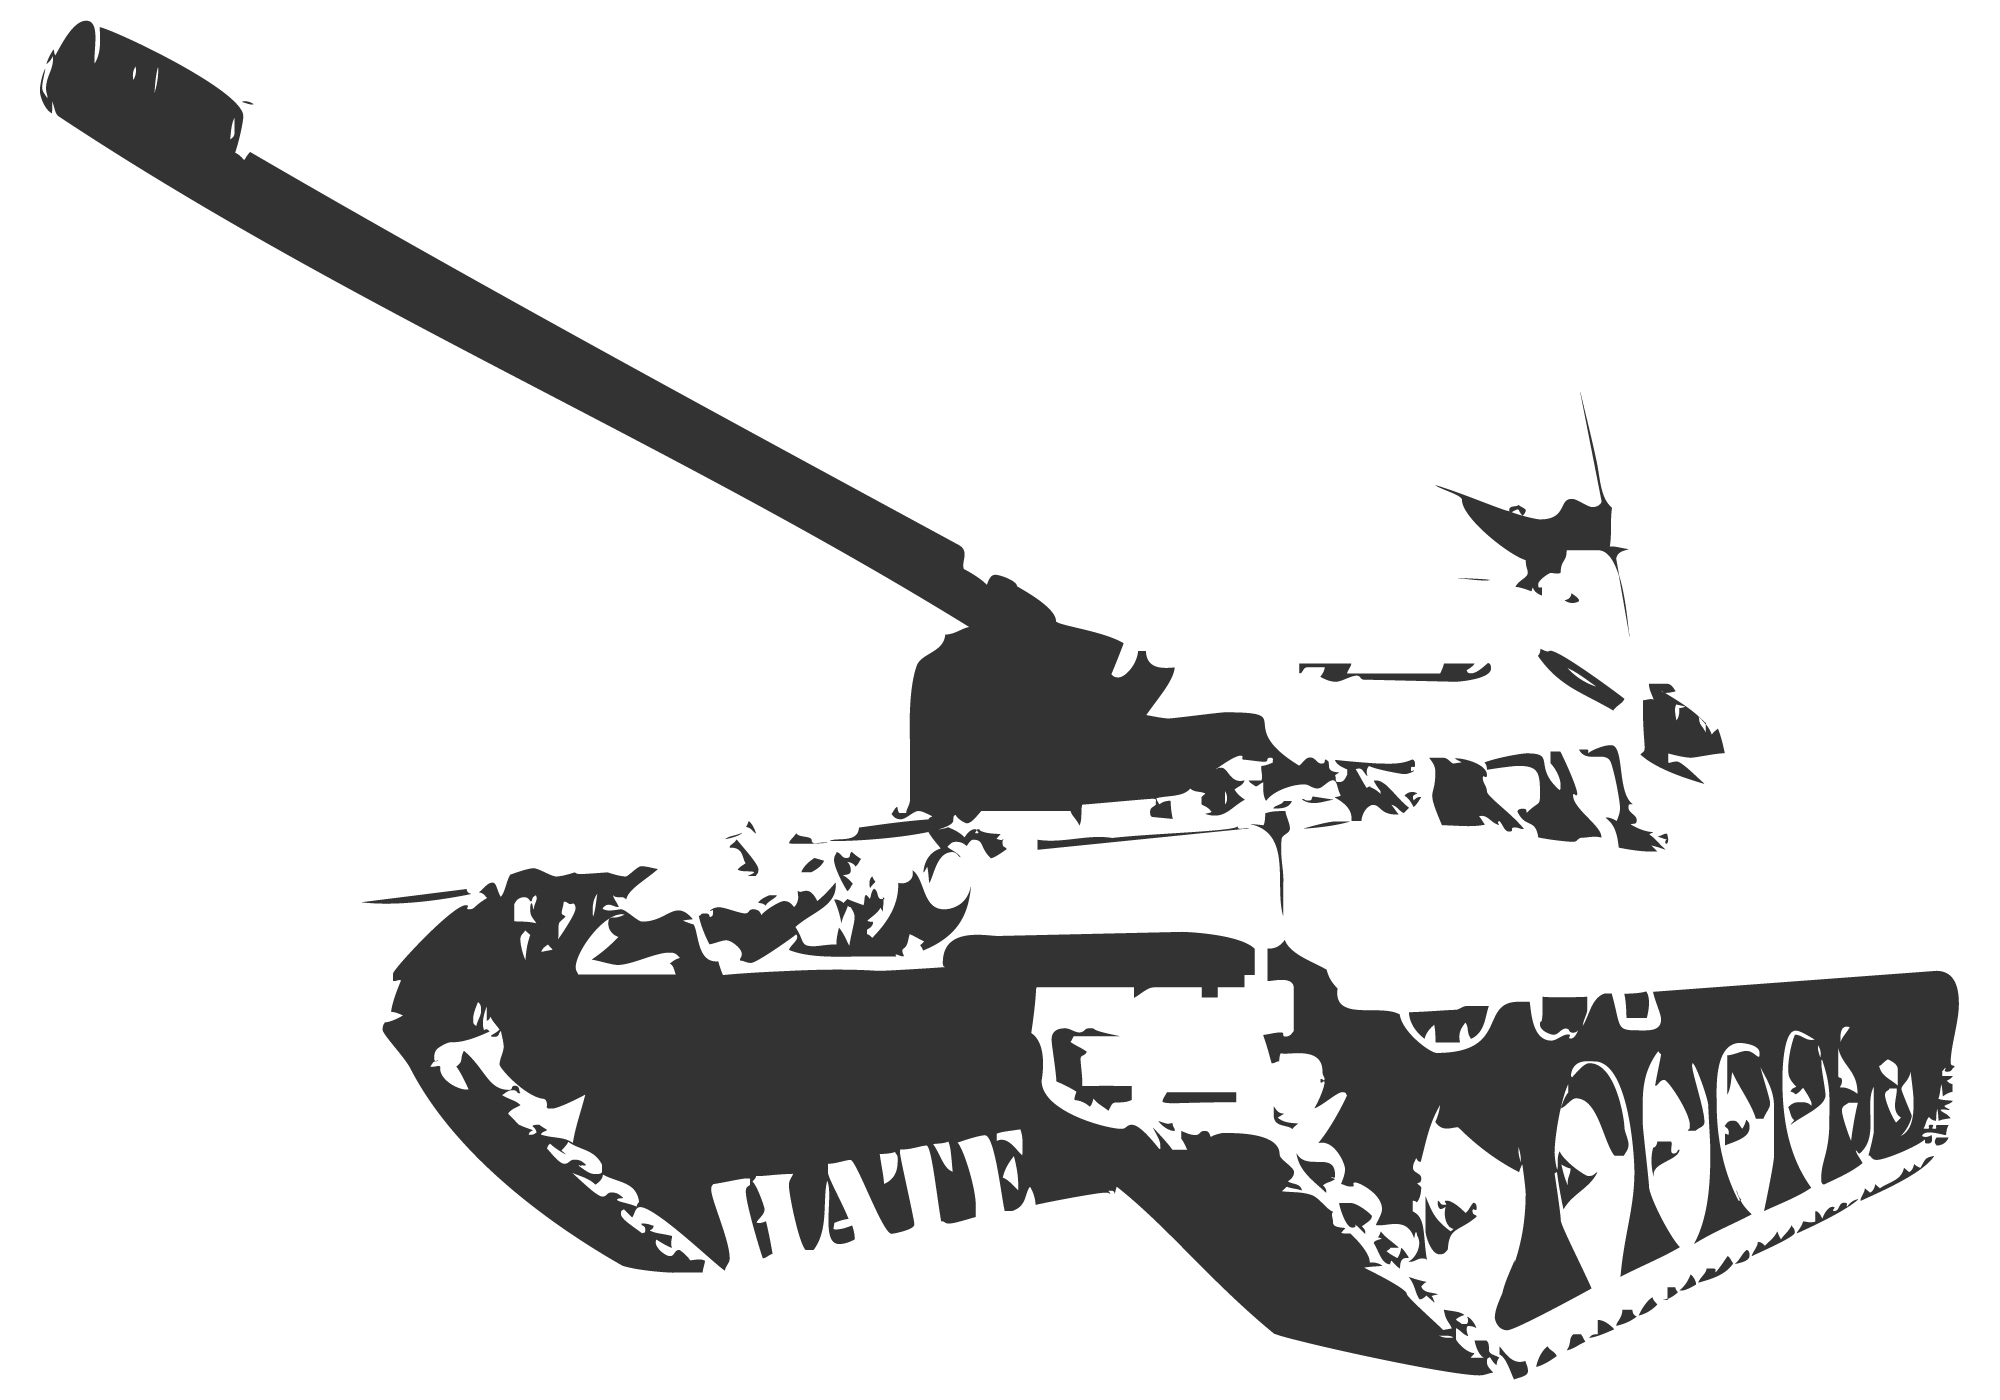 Tank stencil by mortifi